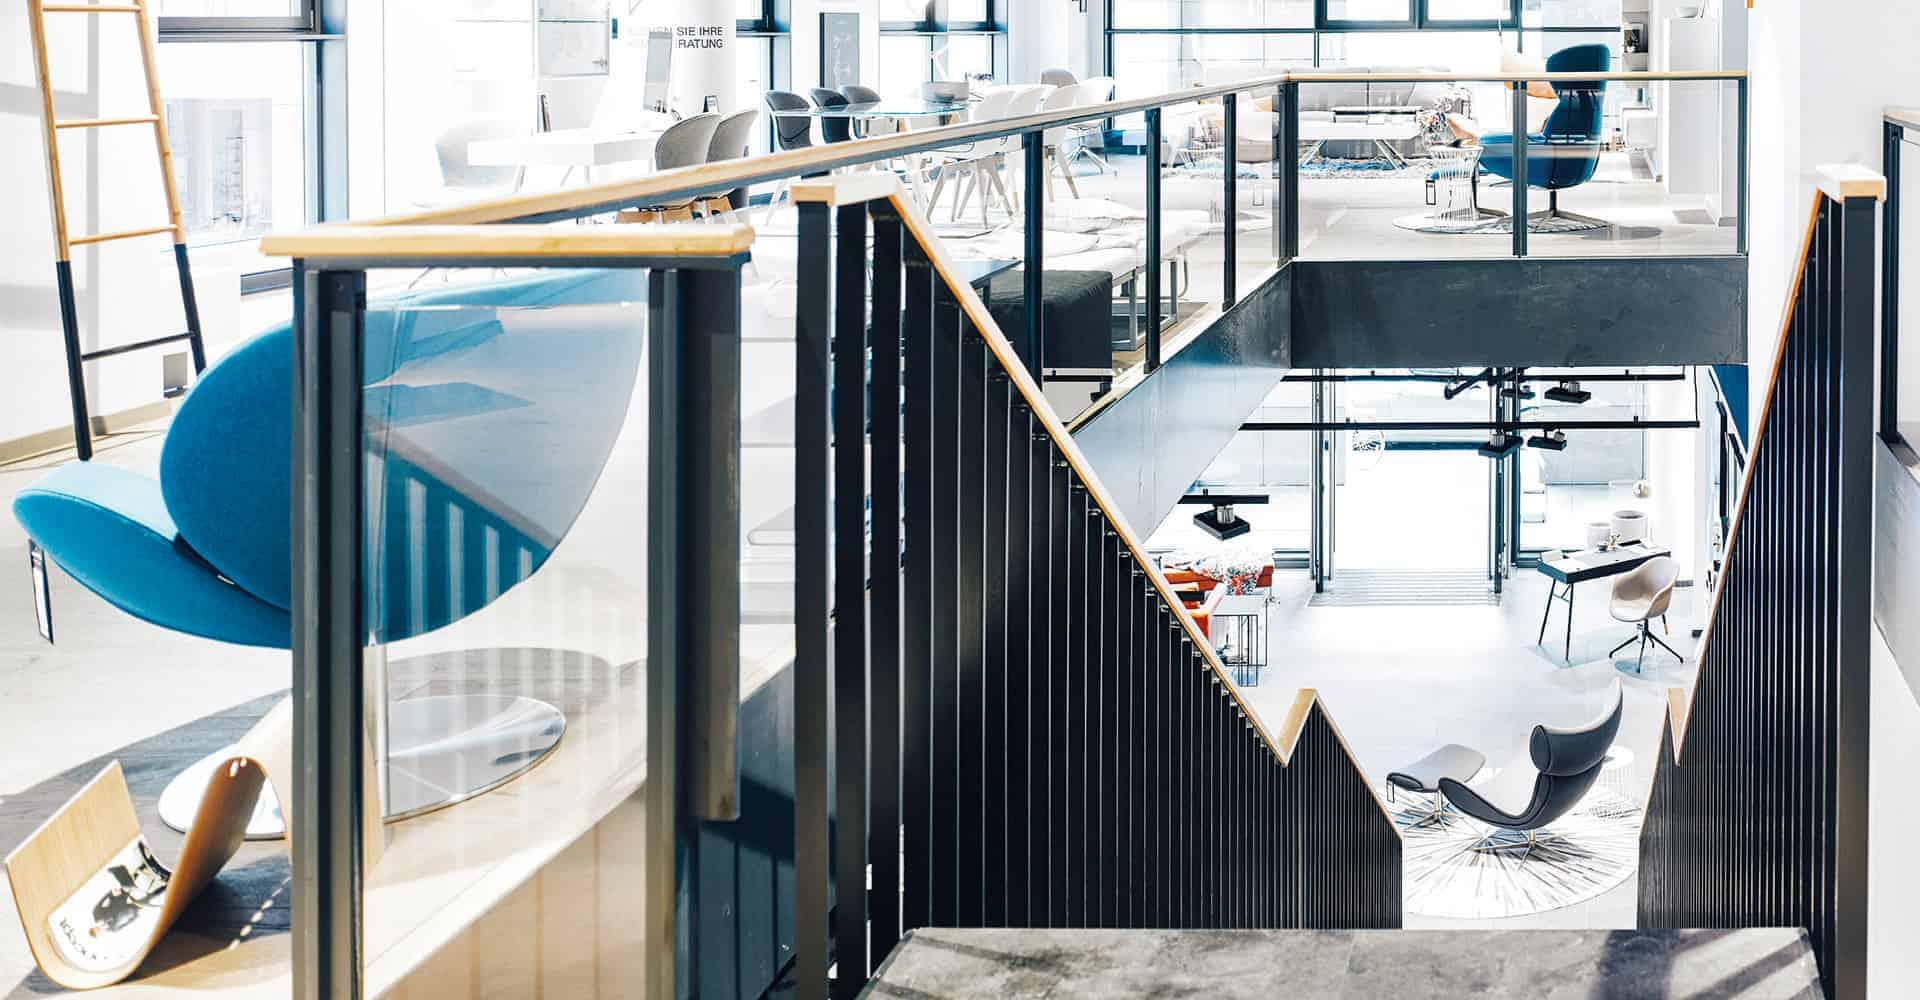 BOCONCEPT STORE DRESDEN | MODERNER INNENAUSBAU FÜR DESIGNERMÖBEL | Innenausbau auf über 2 Etagen in bester Lage am Dresdner Altmarkt nach Vorlage des Corporate Design von BoConcept. Wir hatten nur 10 Wochen Zeit um insgesamt 725 m² Ladengschäft in der Dresdner Innenstadt umzubauen. Die bestehende Gewerbefläche wurde dabei, samt Rolltreppe, zurück gebaut um einen besonderen Rahmen für dänische Designermöbel zu schaffen. Die eigentlich unsichtbare Infrastruktur von Elektro, Lüftung, Sanitär und Klima wurde nun sichtbar in der Decke inszeniert. Eine freitragende Stahltreppe wurde neu integriert.